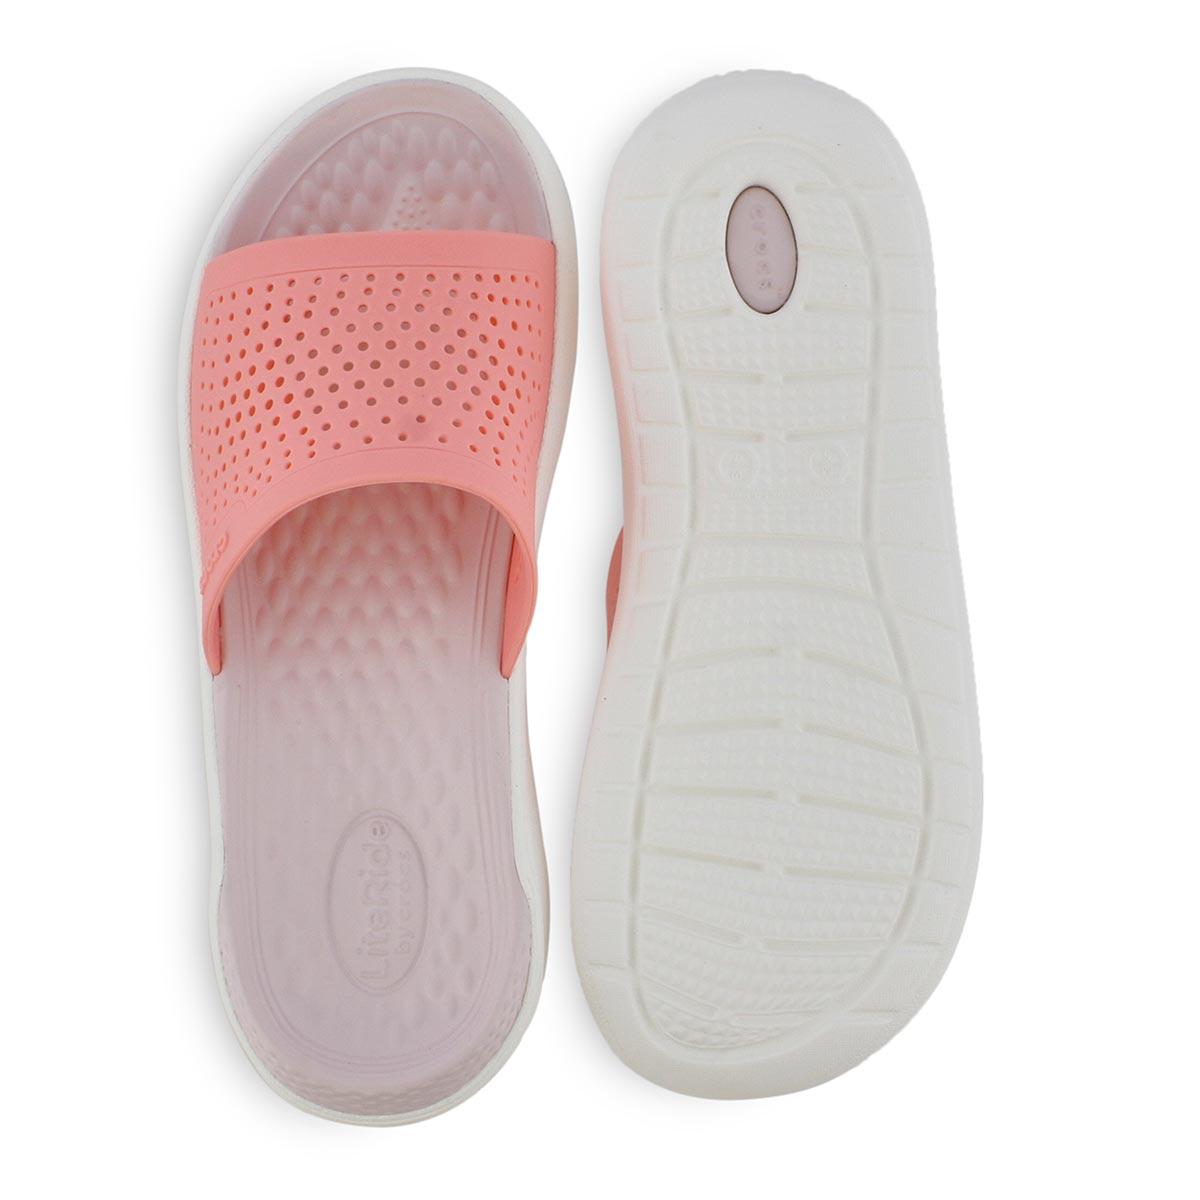 Sandales à enfiler LITE RIDE, melon/blanc, femmes